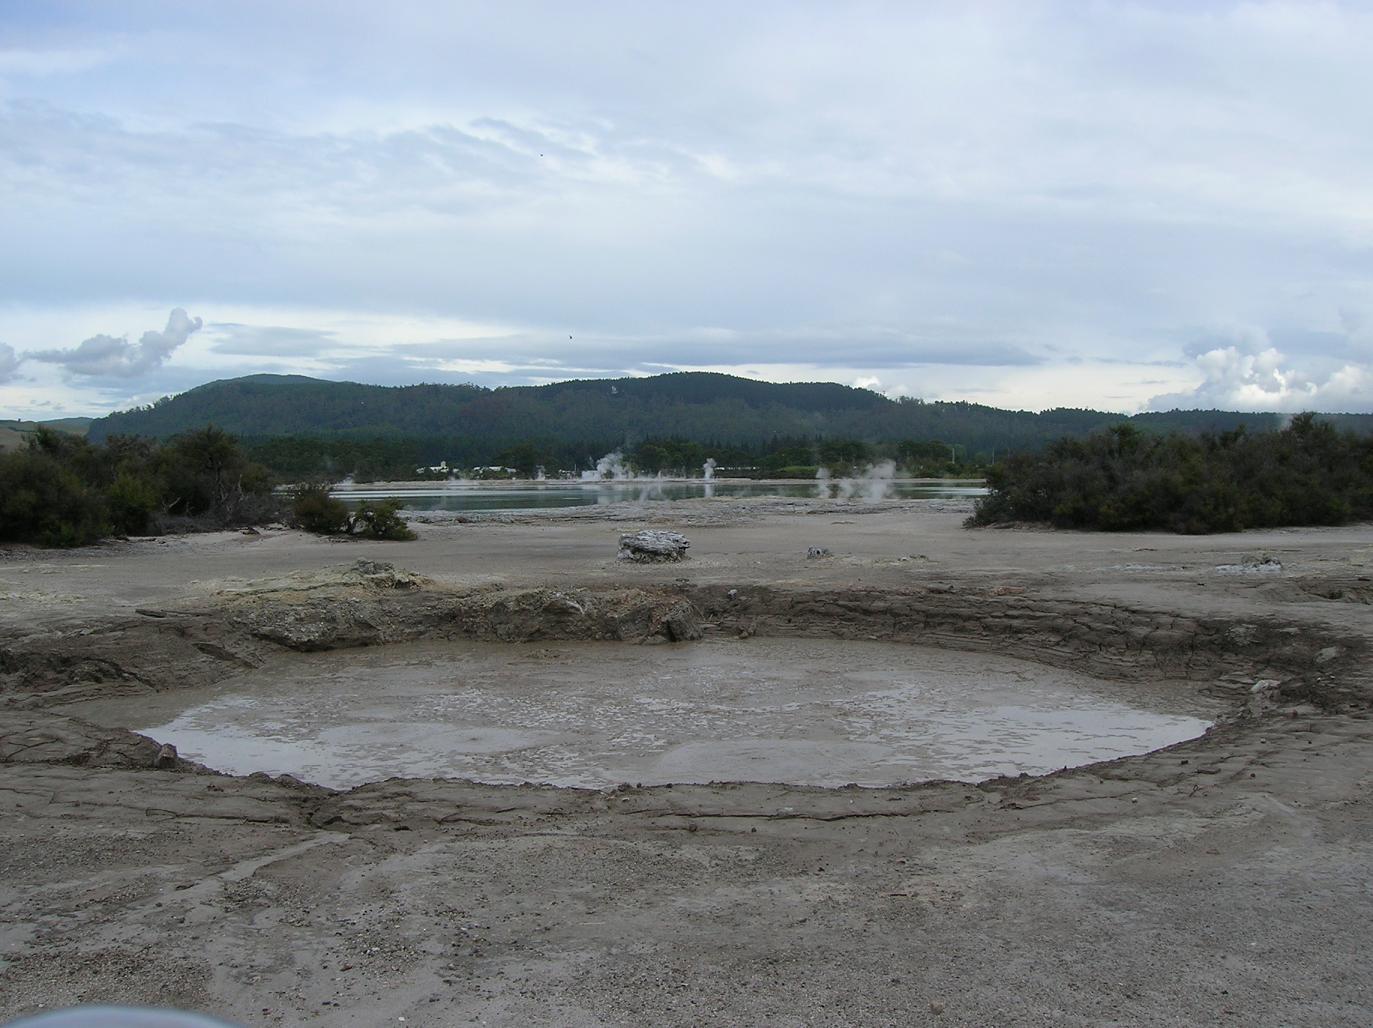 Die Gegend um Rotorua 2